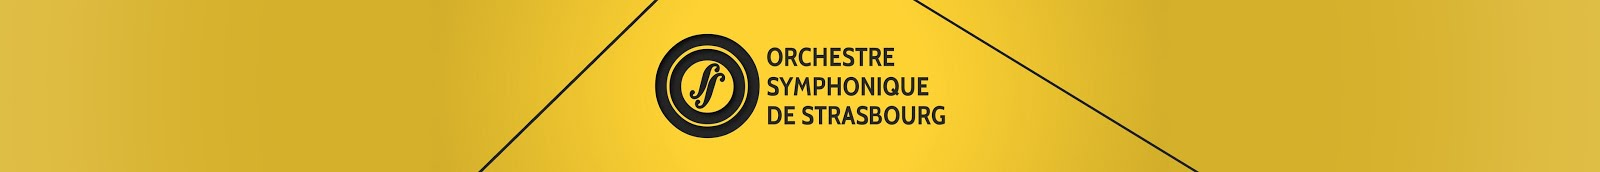 Orchestre Symphonique de Strasbourg